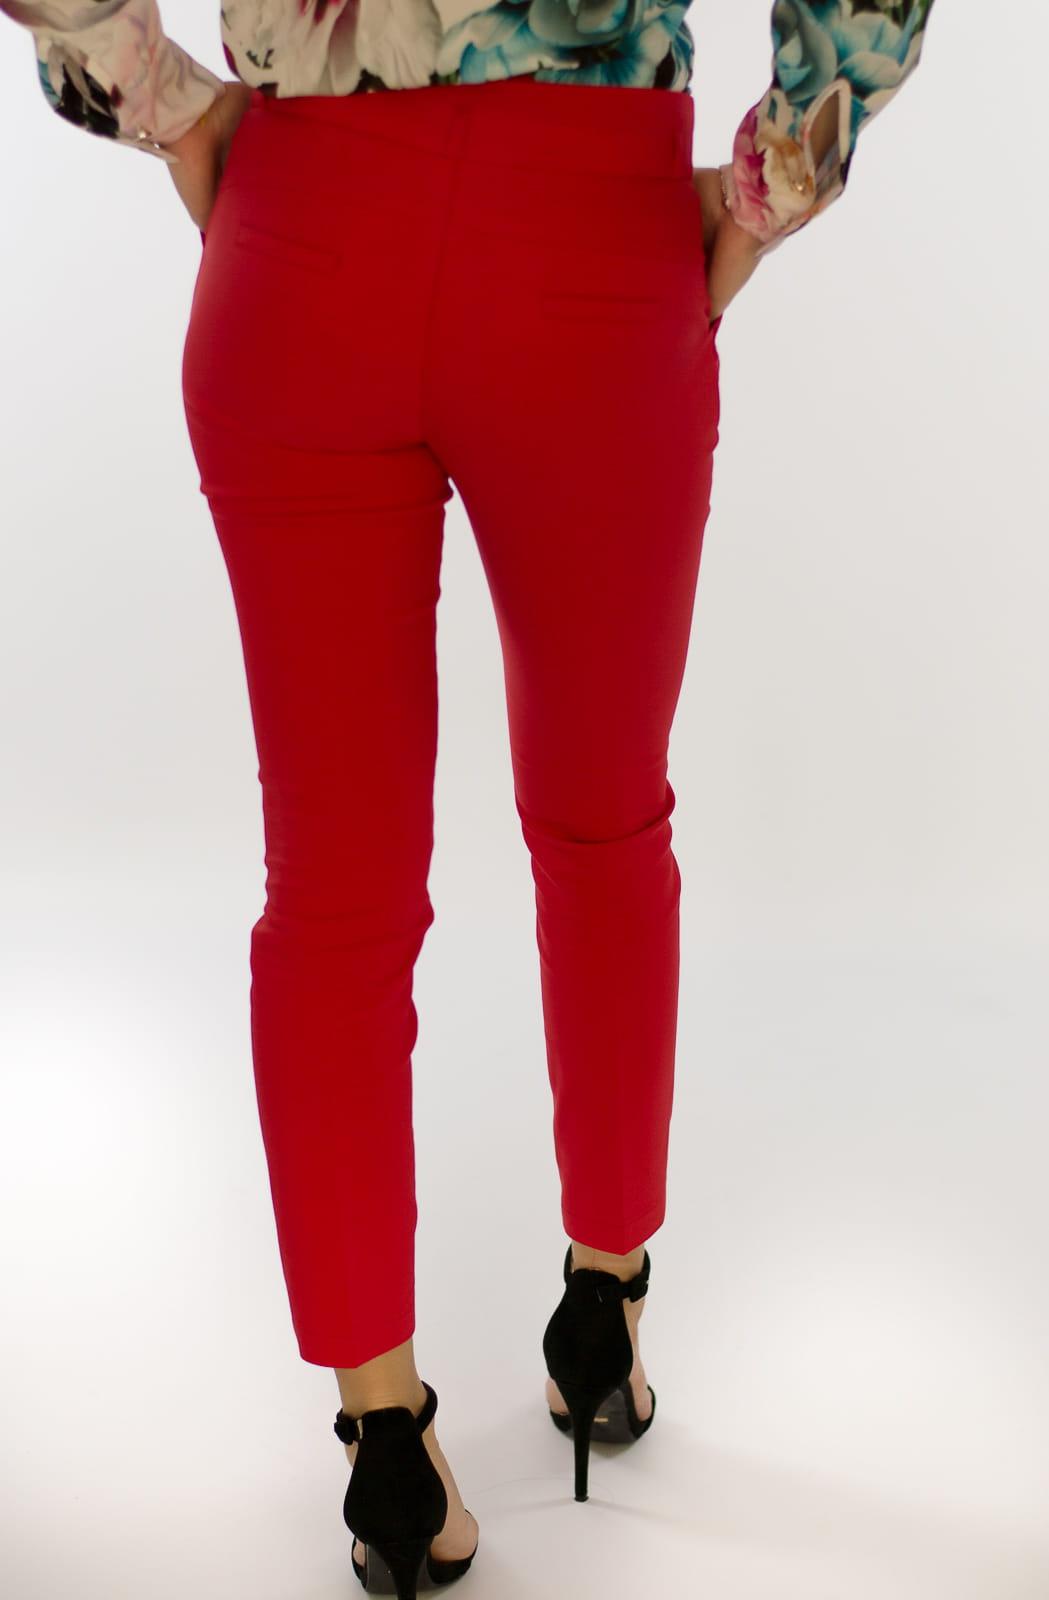 5891e03354d66e Eleganckie spodnie damskie BB czerwone 7/8 - Isuka. 27940_24651. promocja.  27940_24651; 27940_24652; 27940_24653; 27940_24654